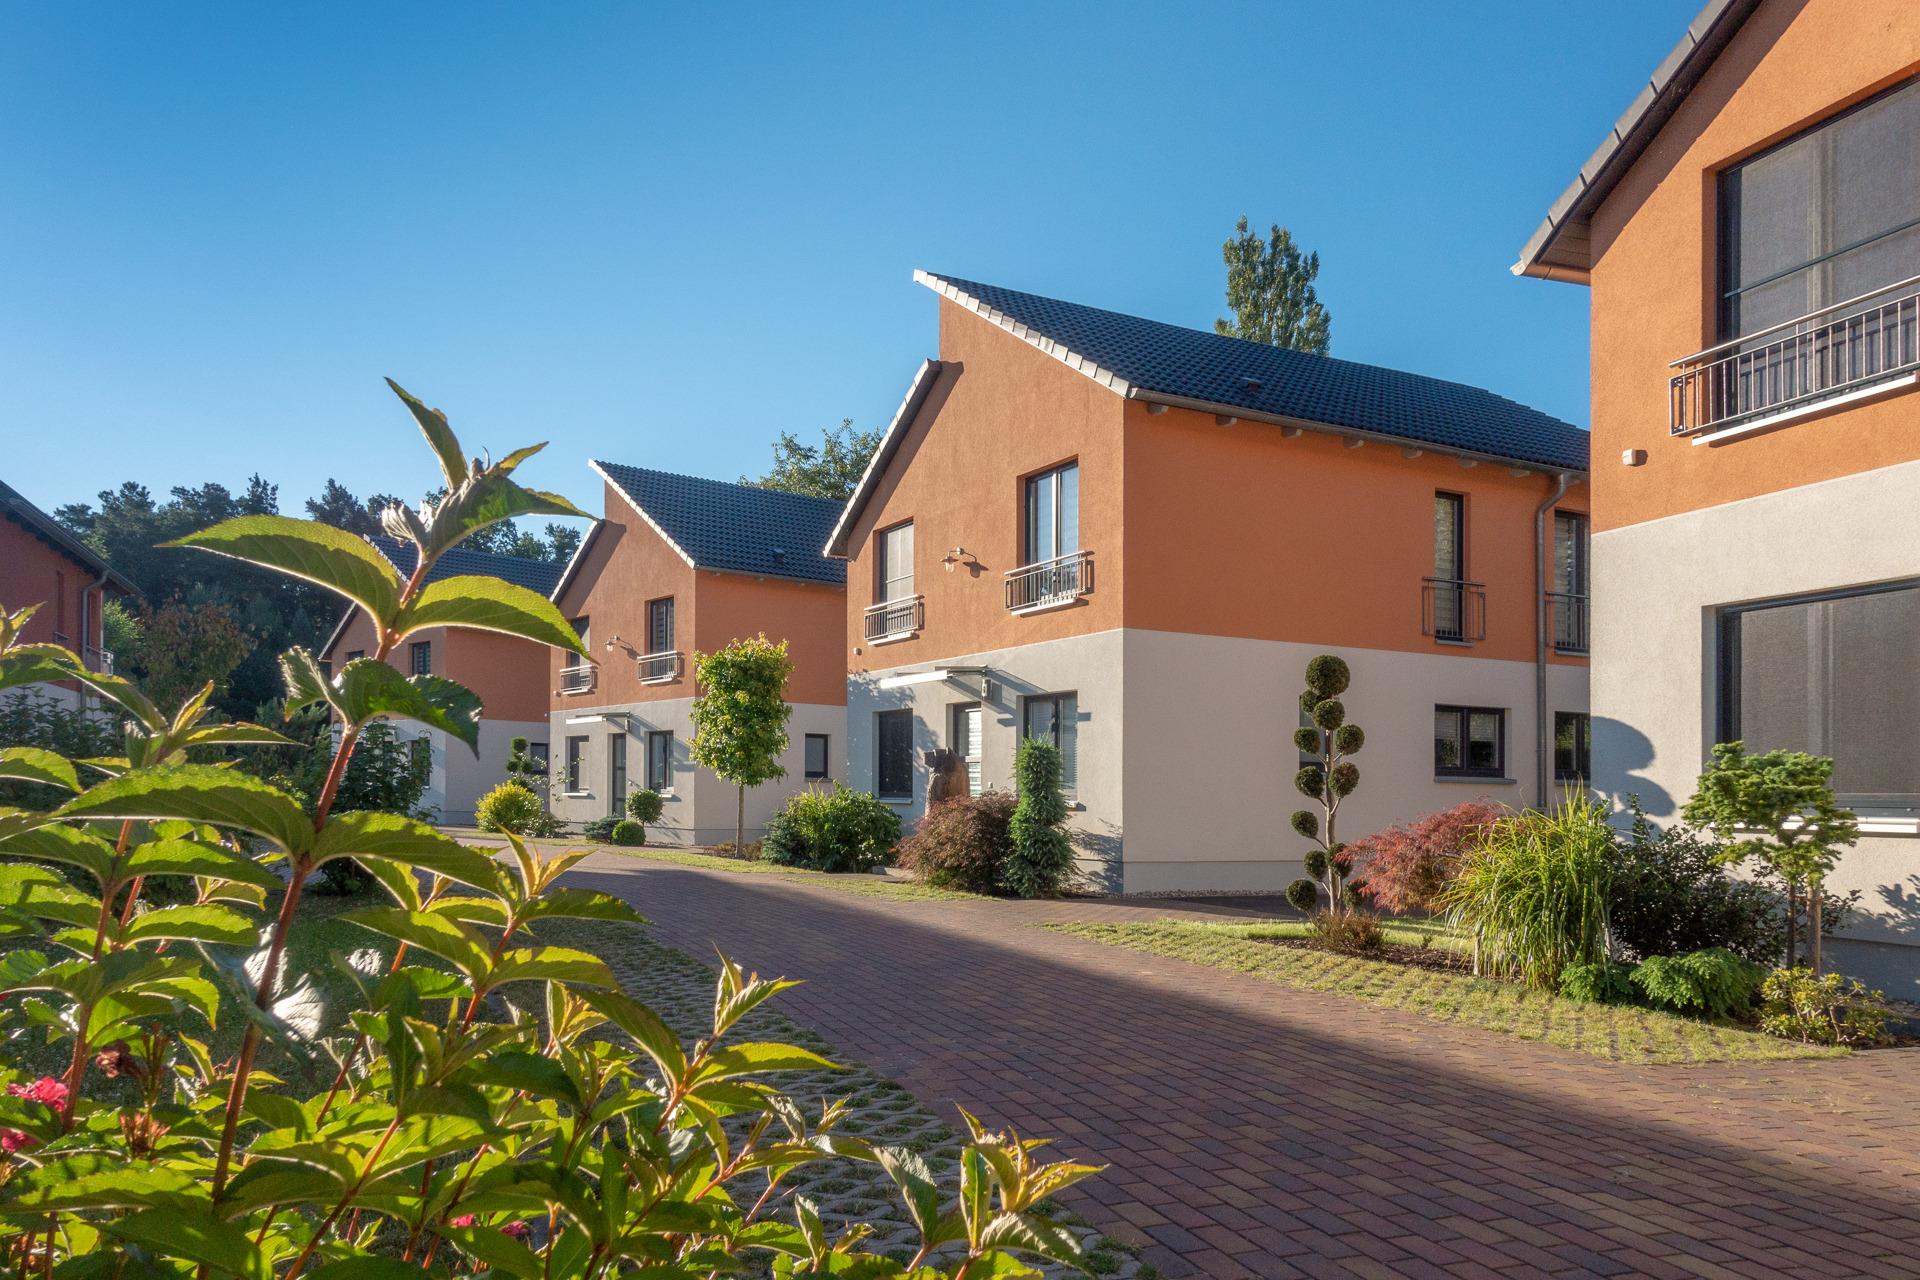 Ferienhaus 11 Eiche Ferienhaus am Bodensee